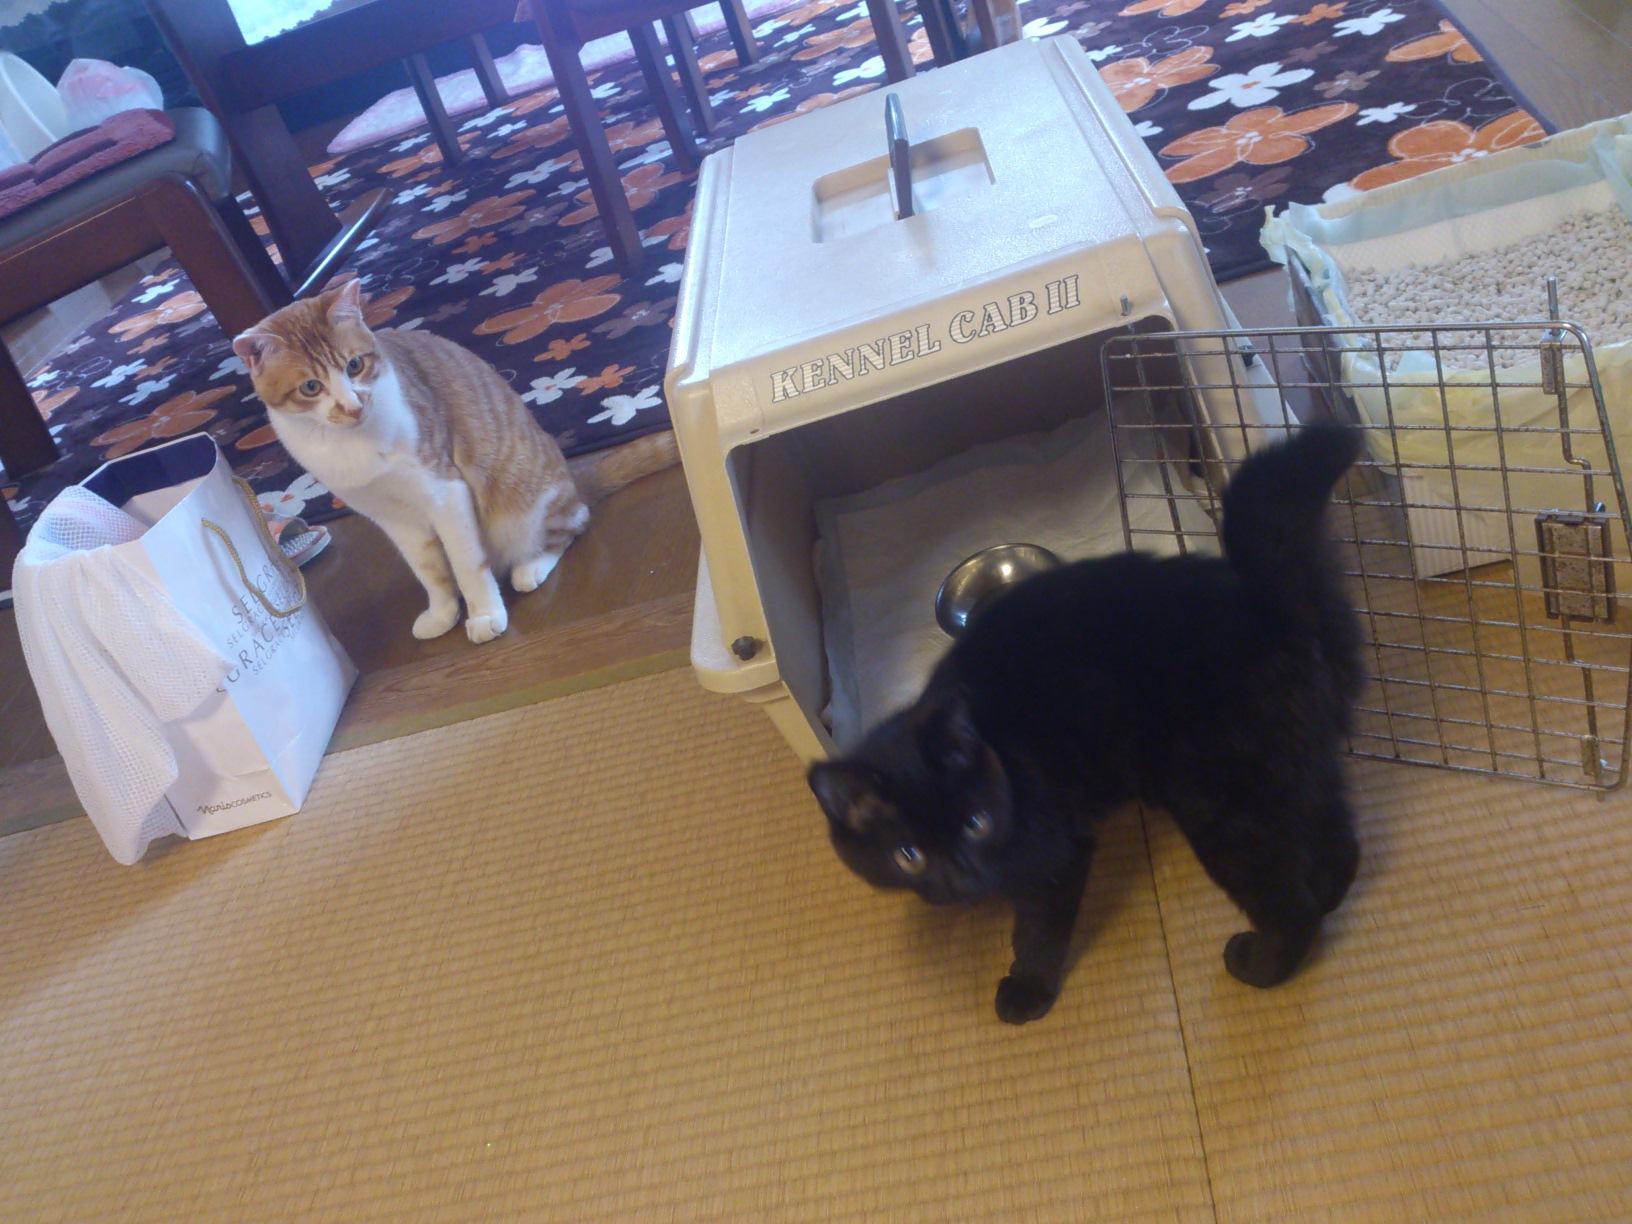 真面目な猫ブログ_c0159762_1514484.jpg